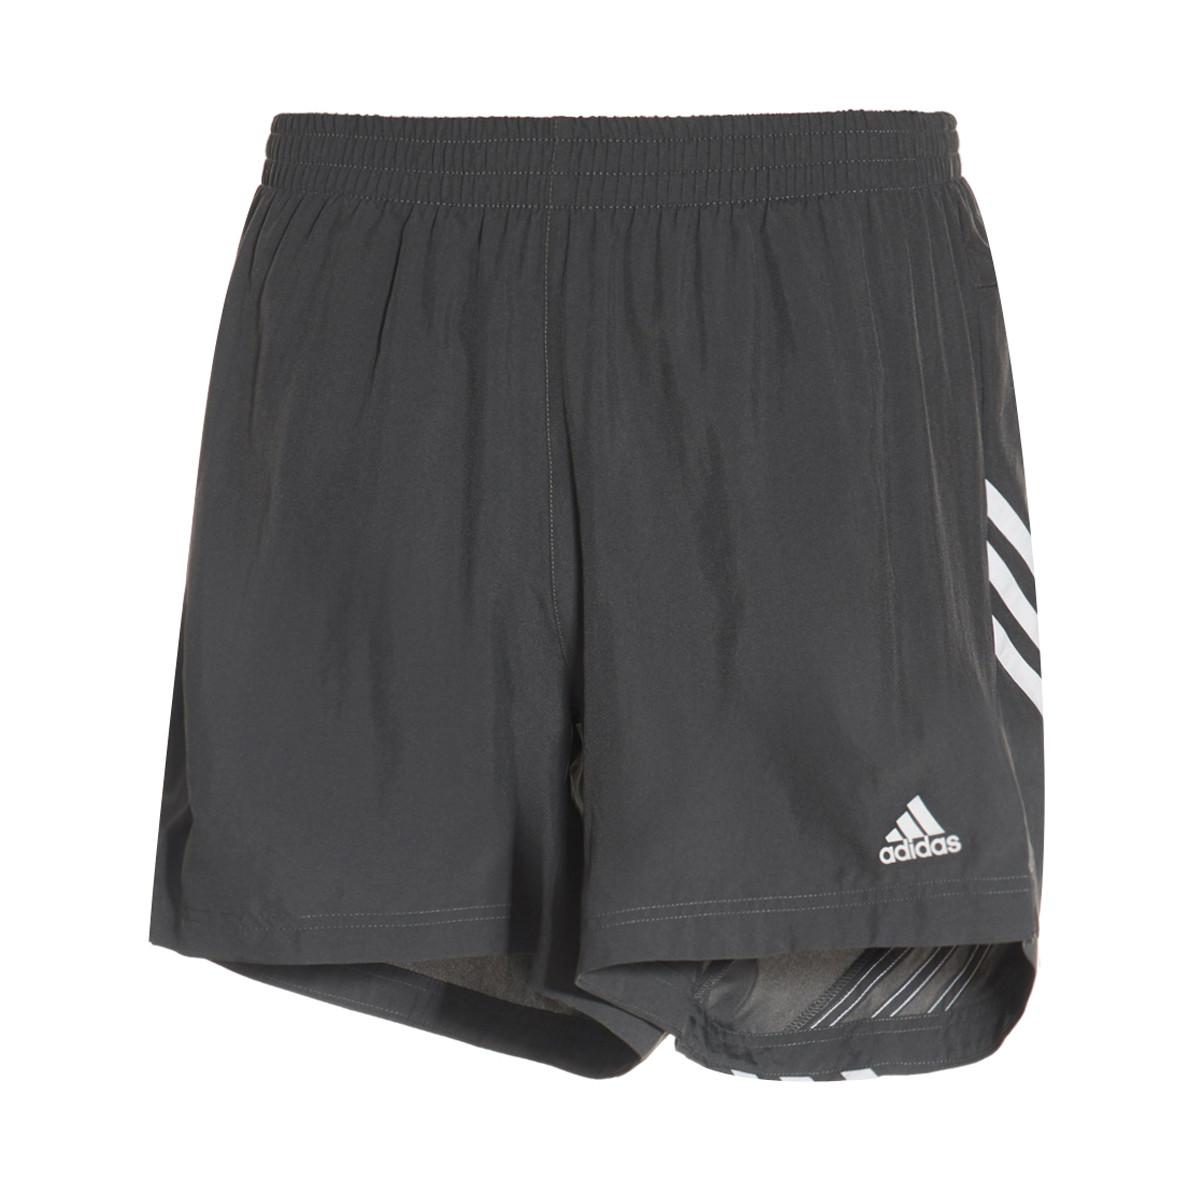 ED9271 男款跑步短裤